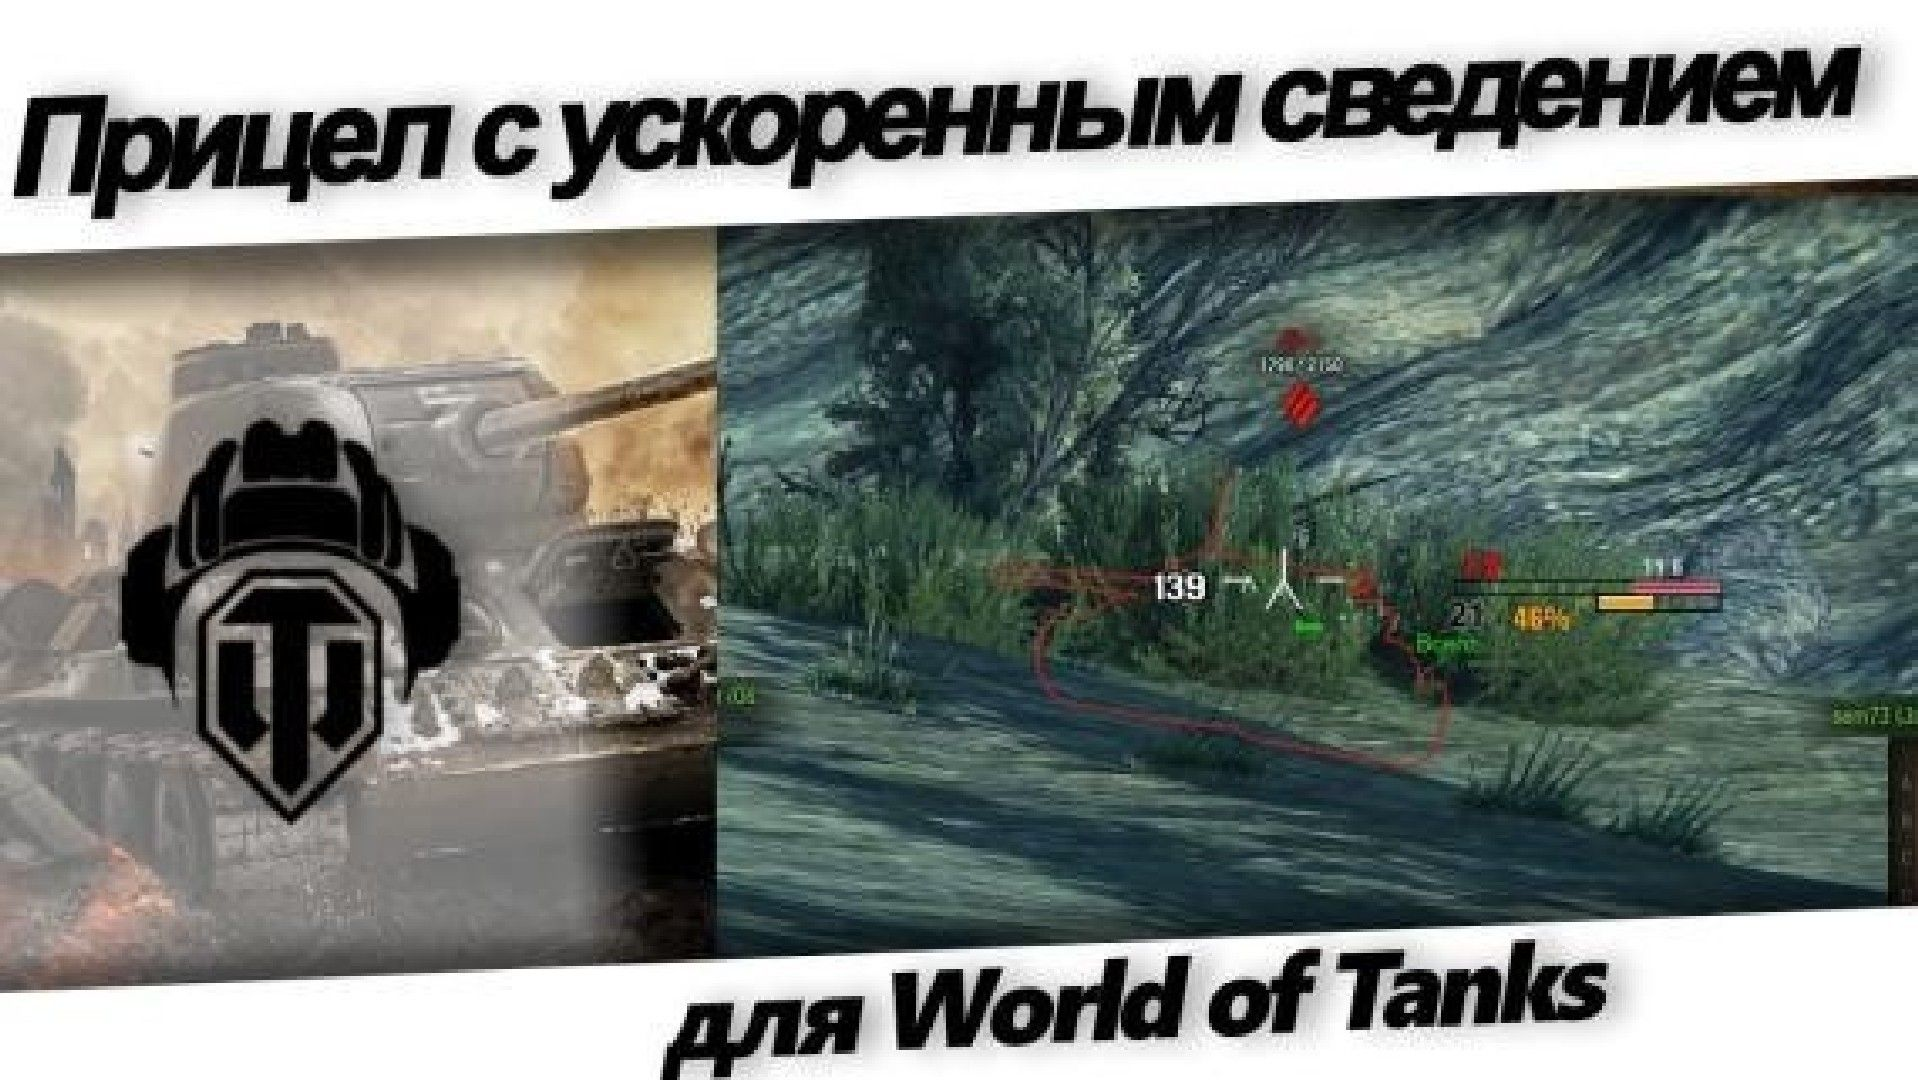 ускоренное сведение world of tanks.